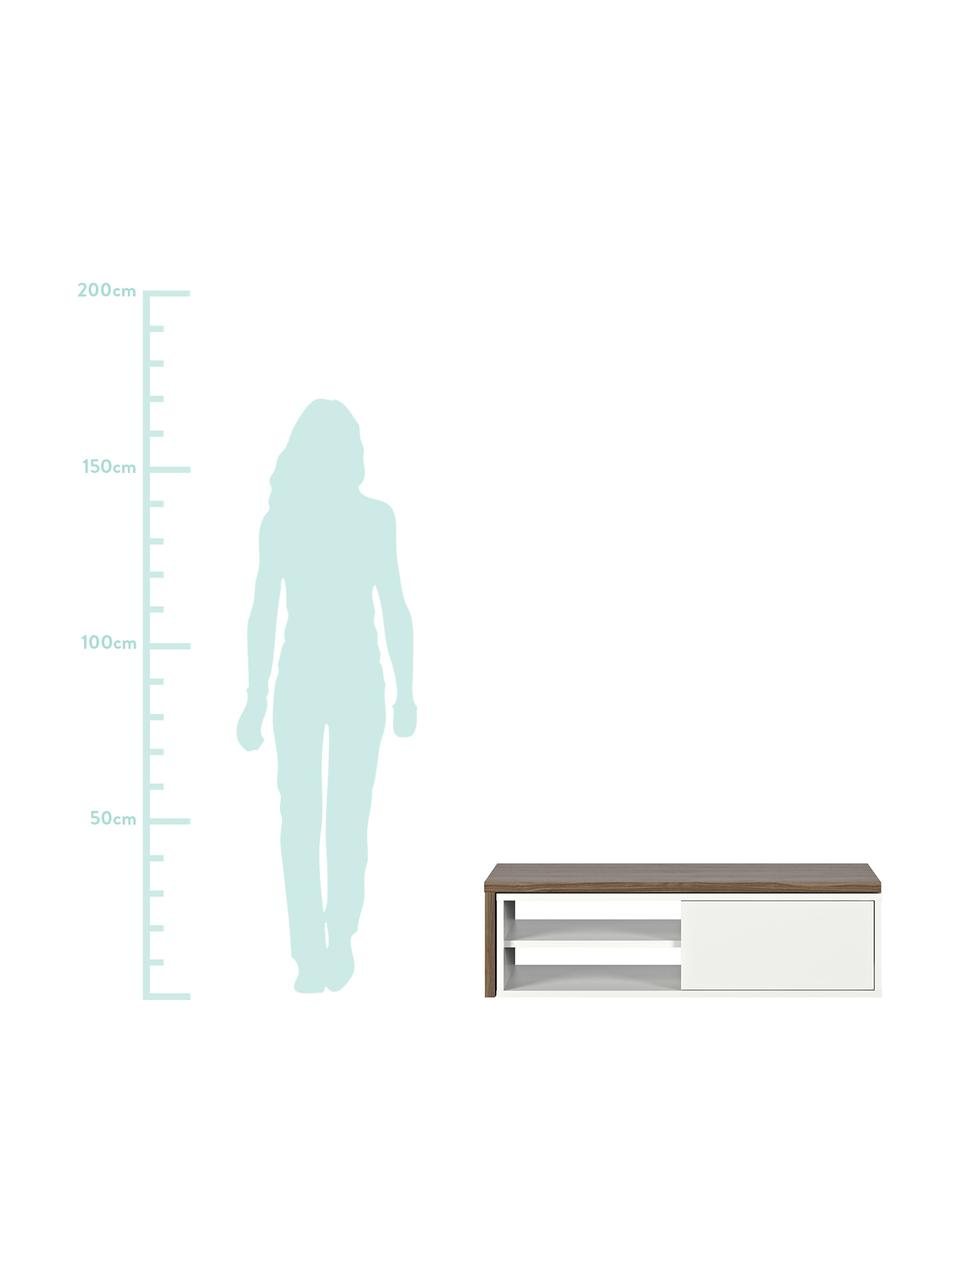 Ausziehbares TV-Lowboard Lieke mit Schiebetür, Auflageelement: Mitteldichte Holzfaserpla, Lowboard: Mitteldichte Holzfaserpla, Walnussholz, Weiß, 110 x 32 cm